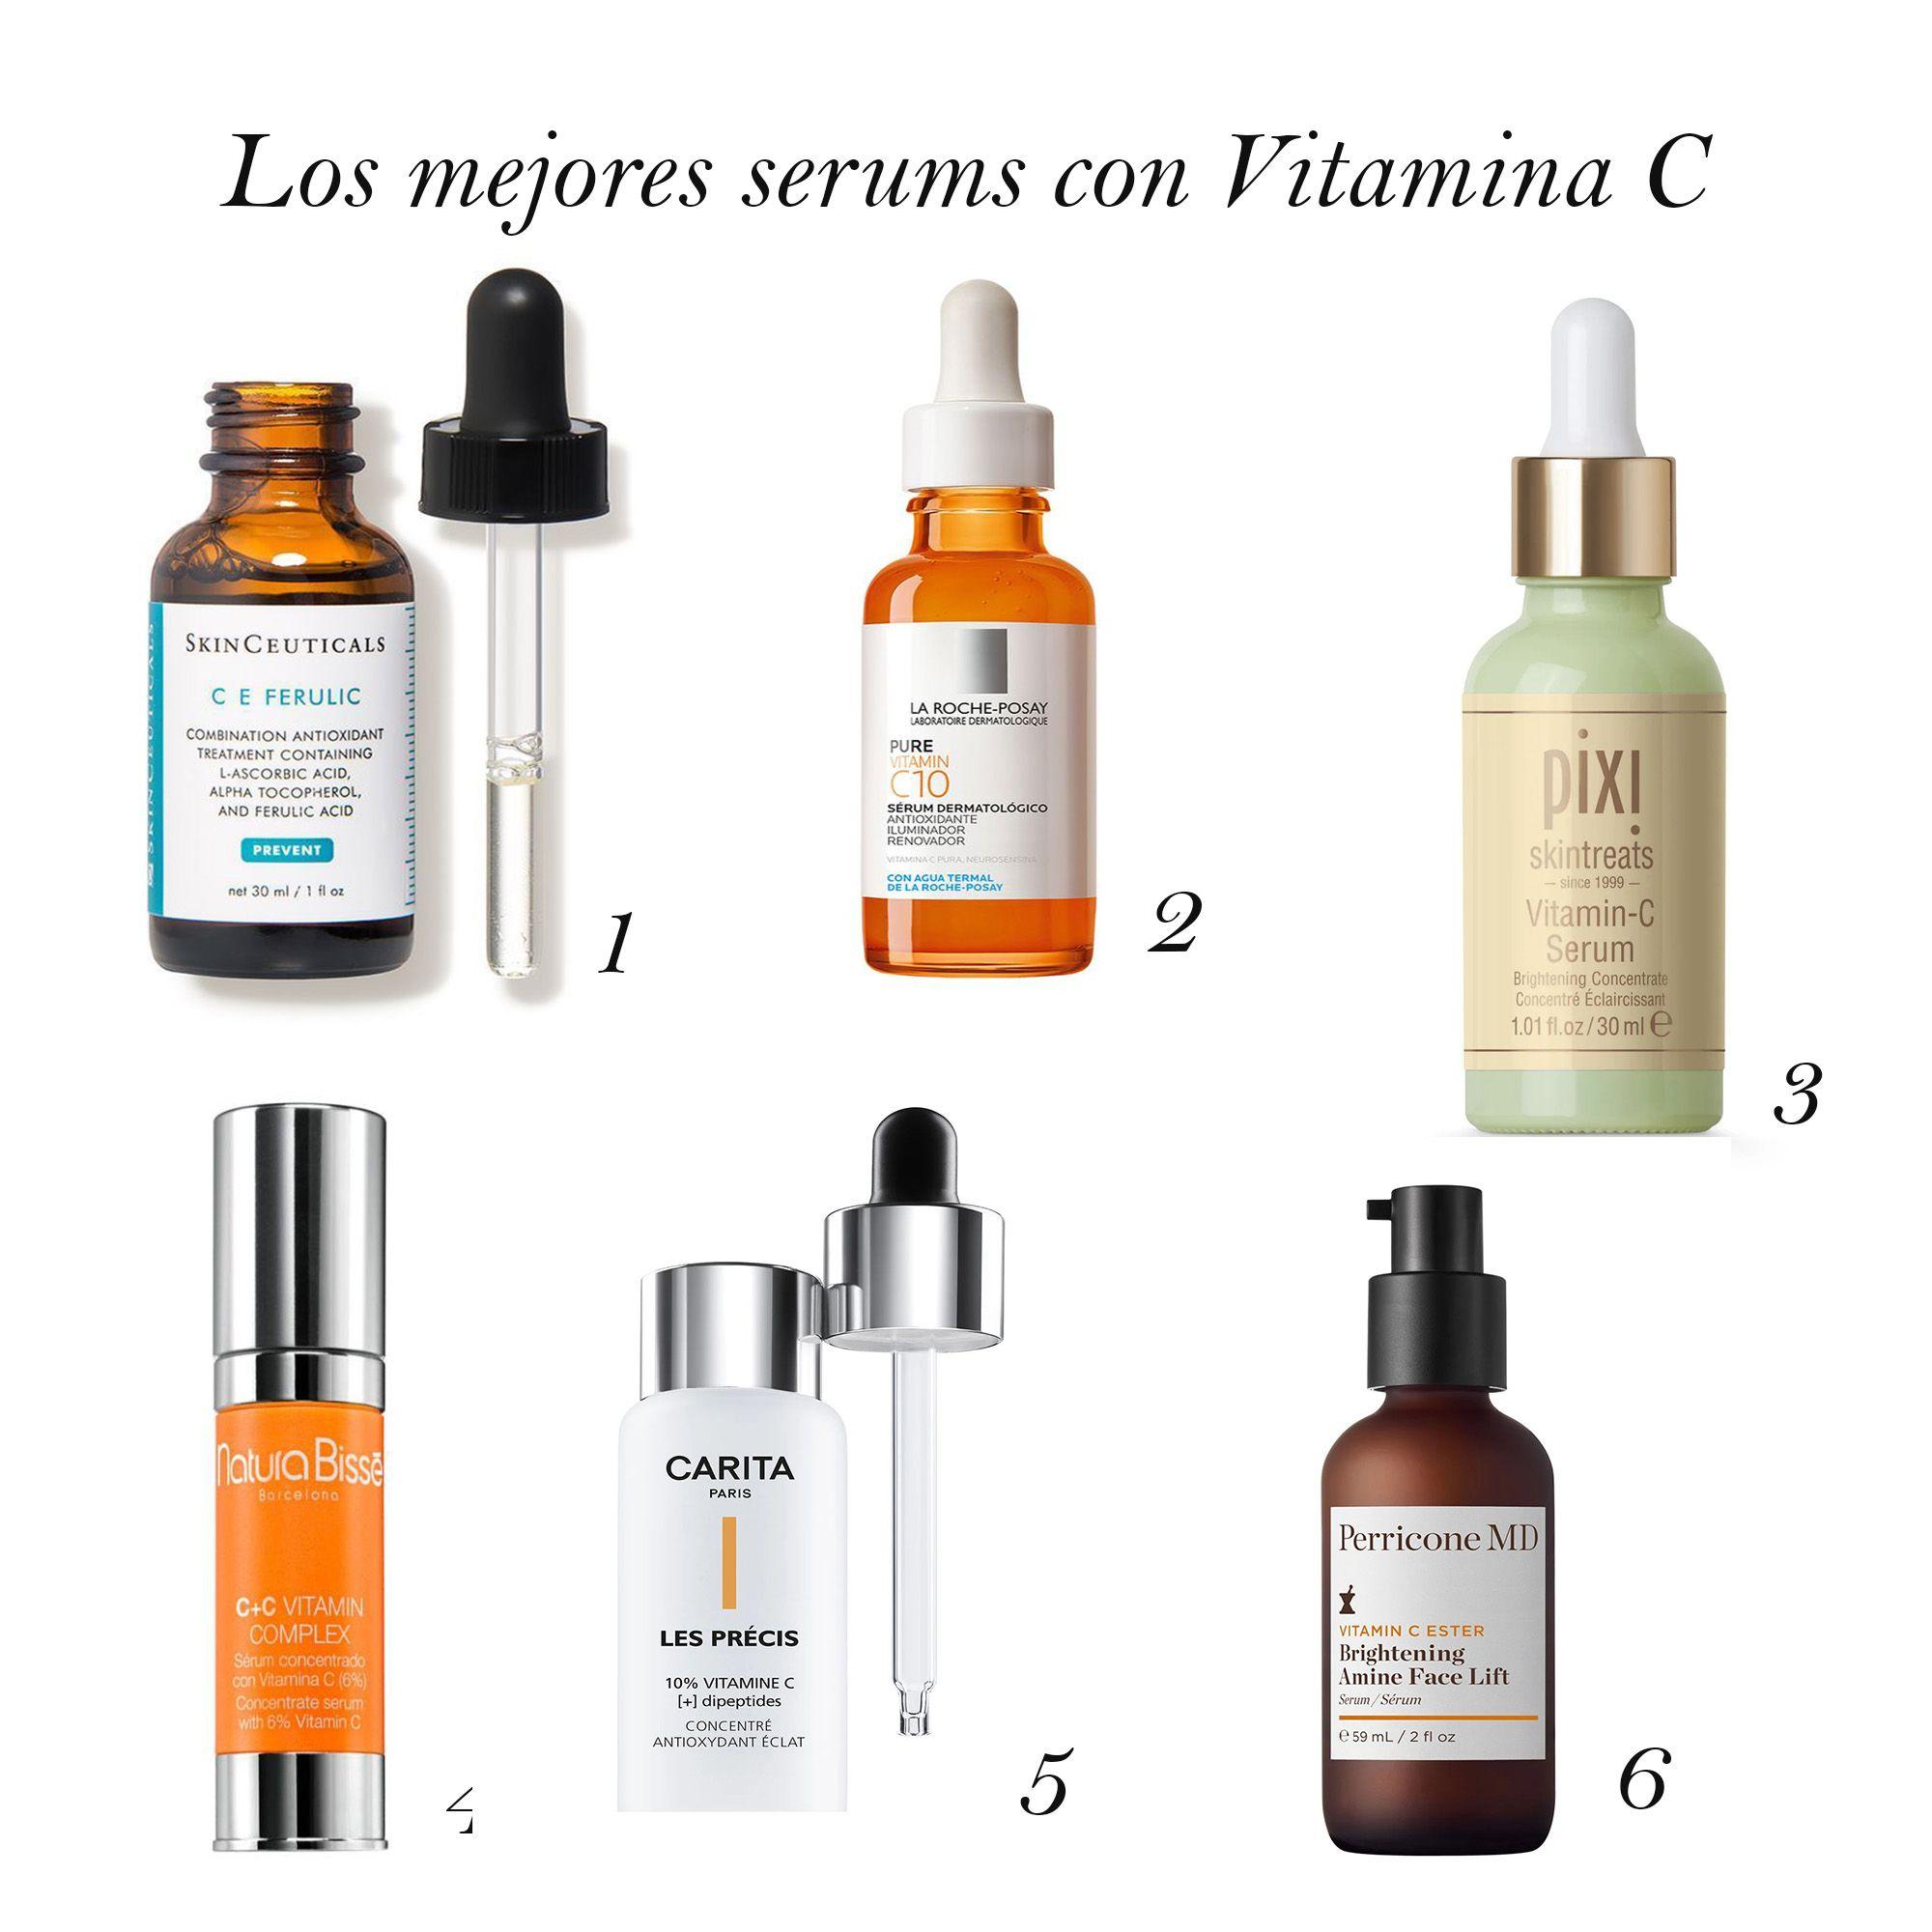 Los Mejores Serums Con Vitamina C Vitamina C Vitamina E Serum